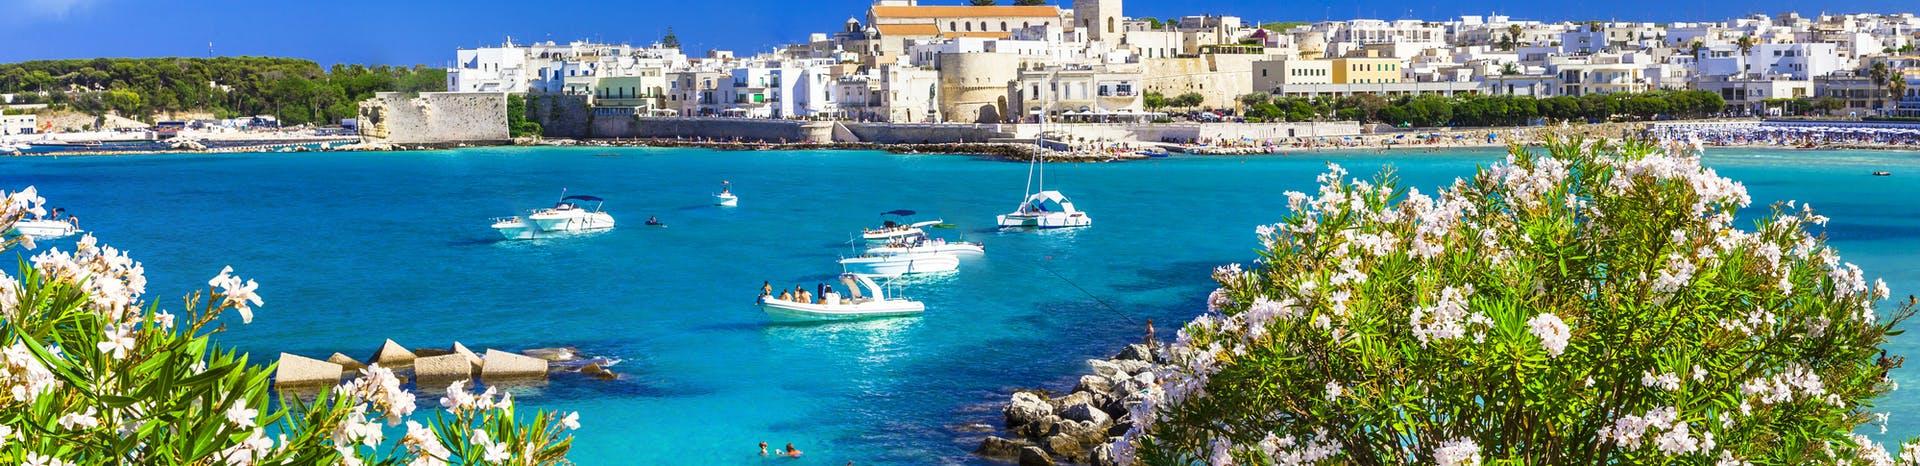 Picture of Lecce